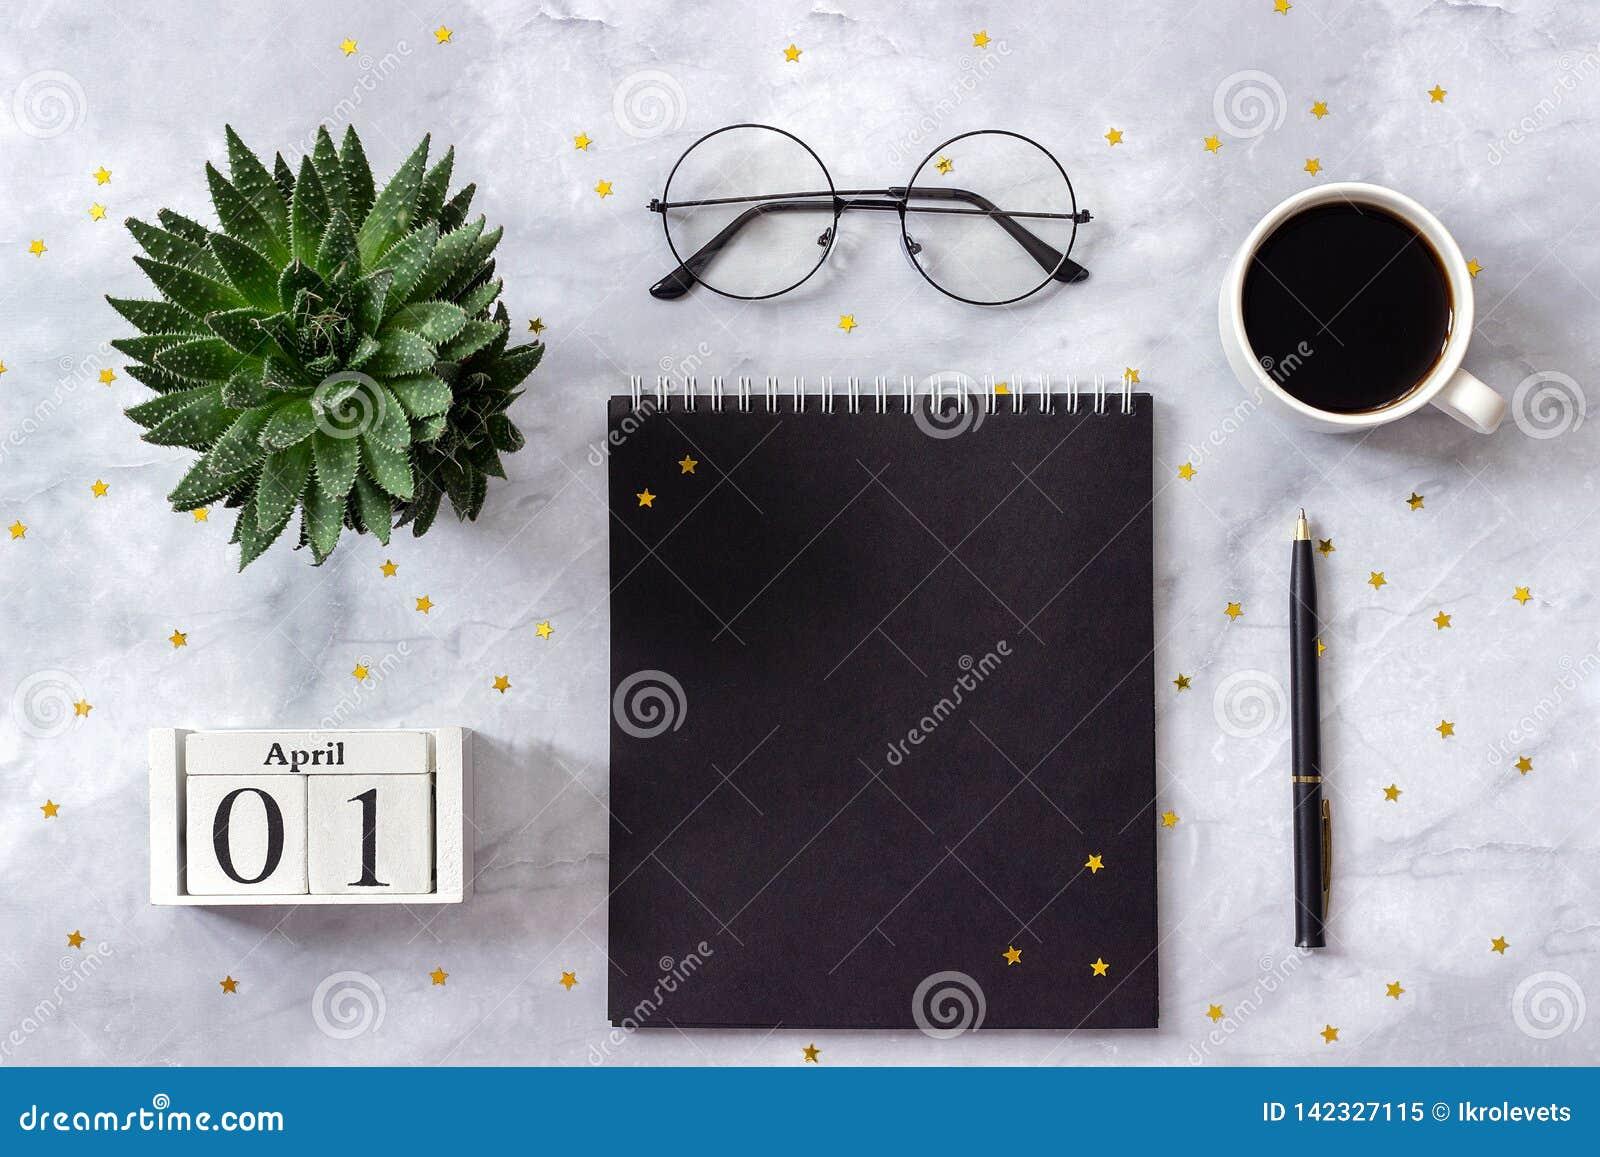 Офис или домашний стол таблицы Деревянный блокнот черноты 1-ое апреля календаря кубов, чашка кофе, суккулентная, стекла на мрамор